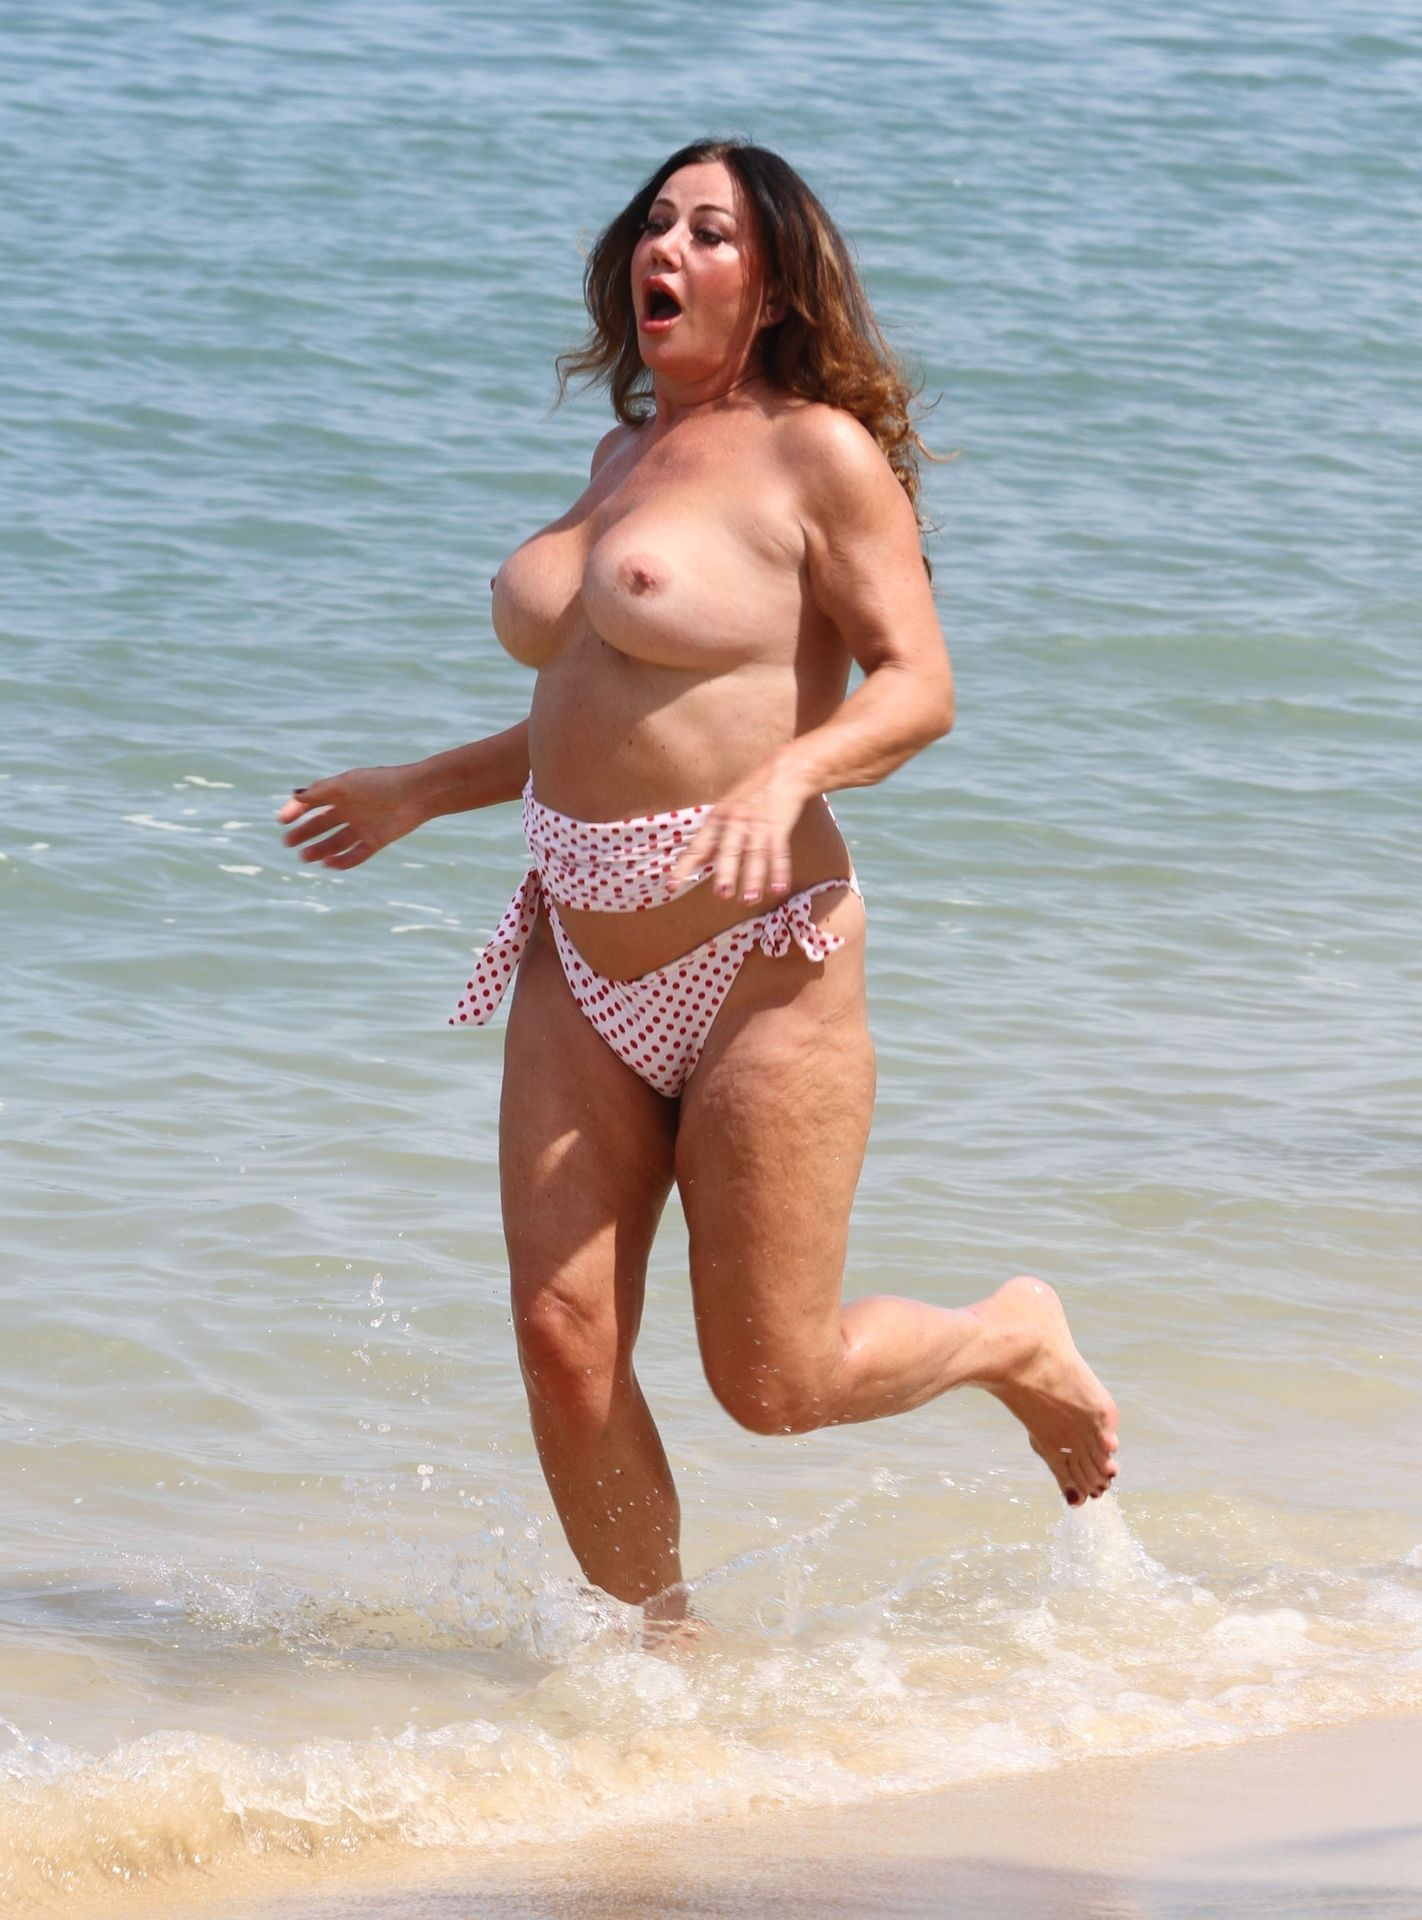 Lisa Appleton Hot & Topless 0001